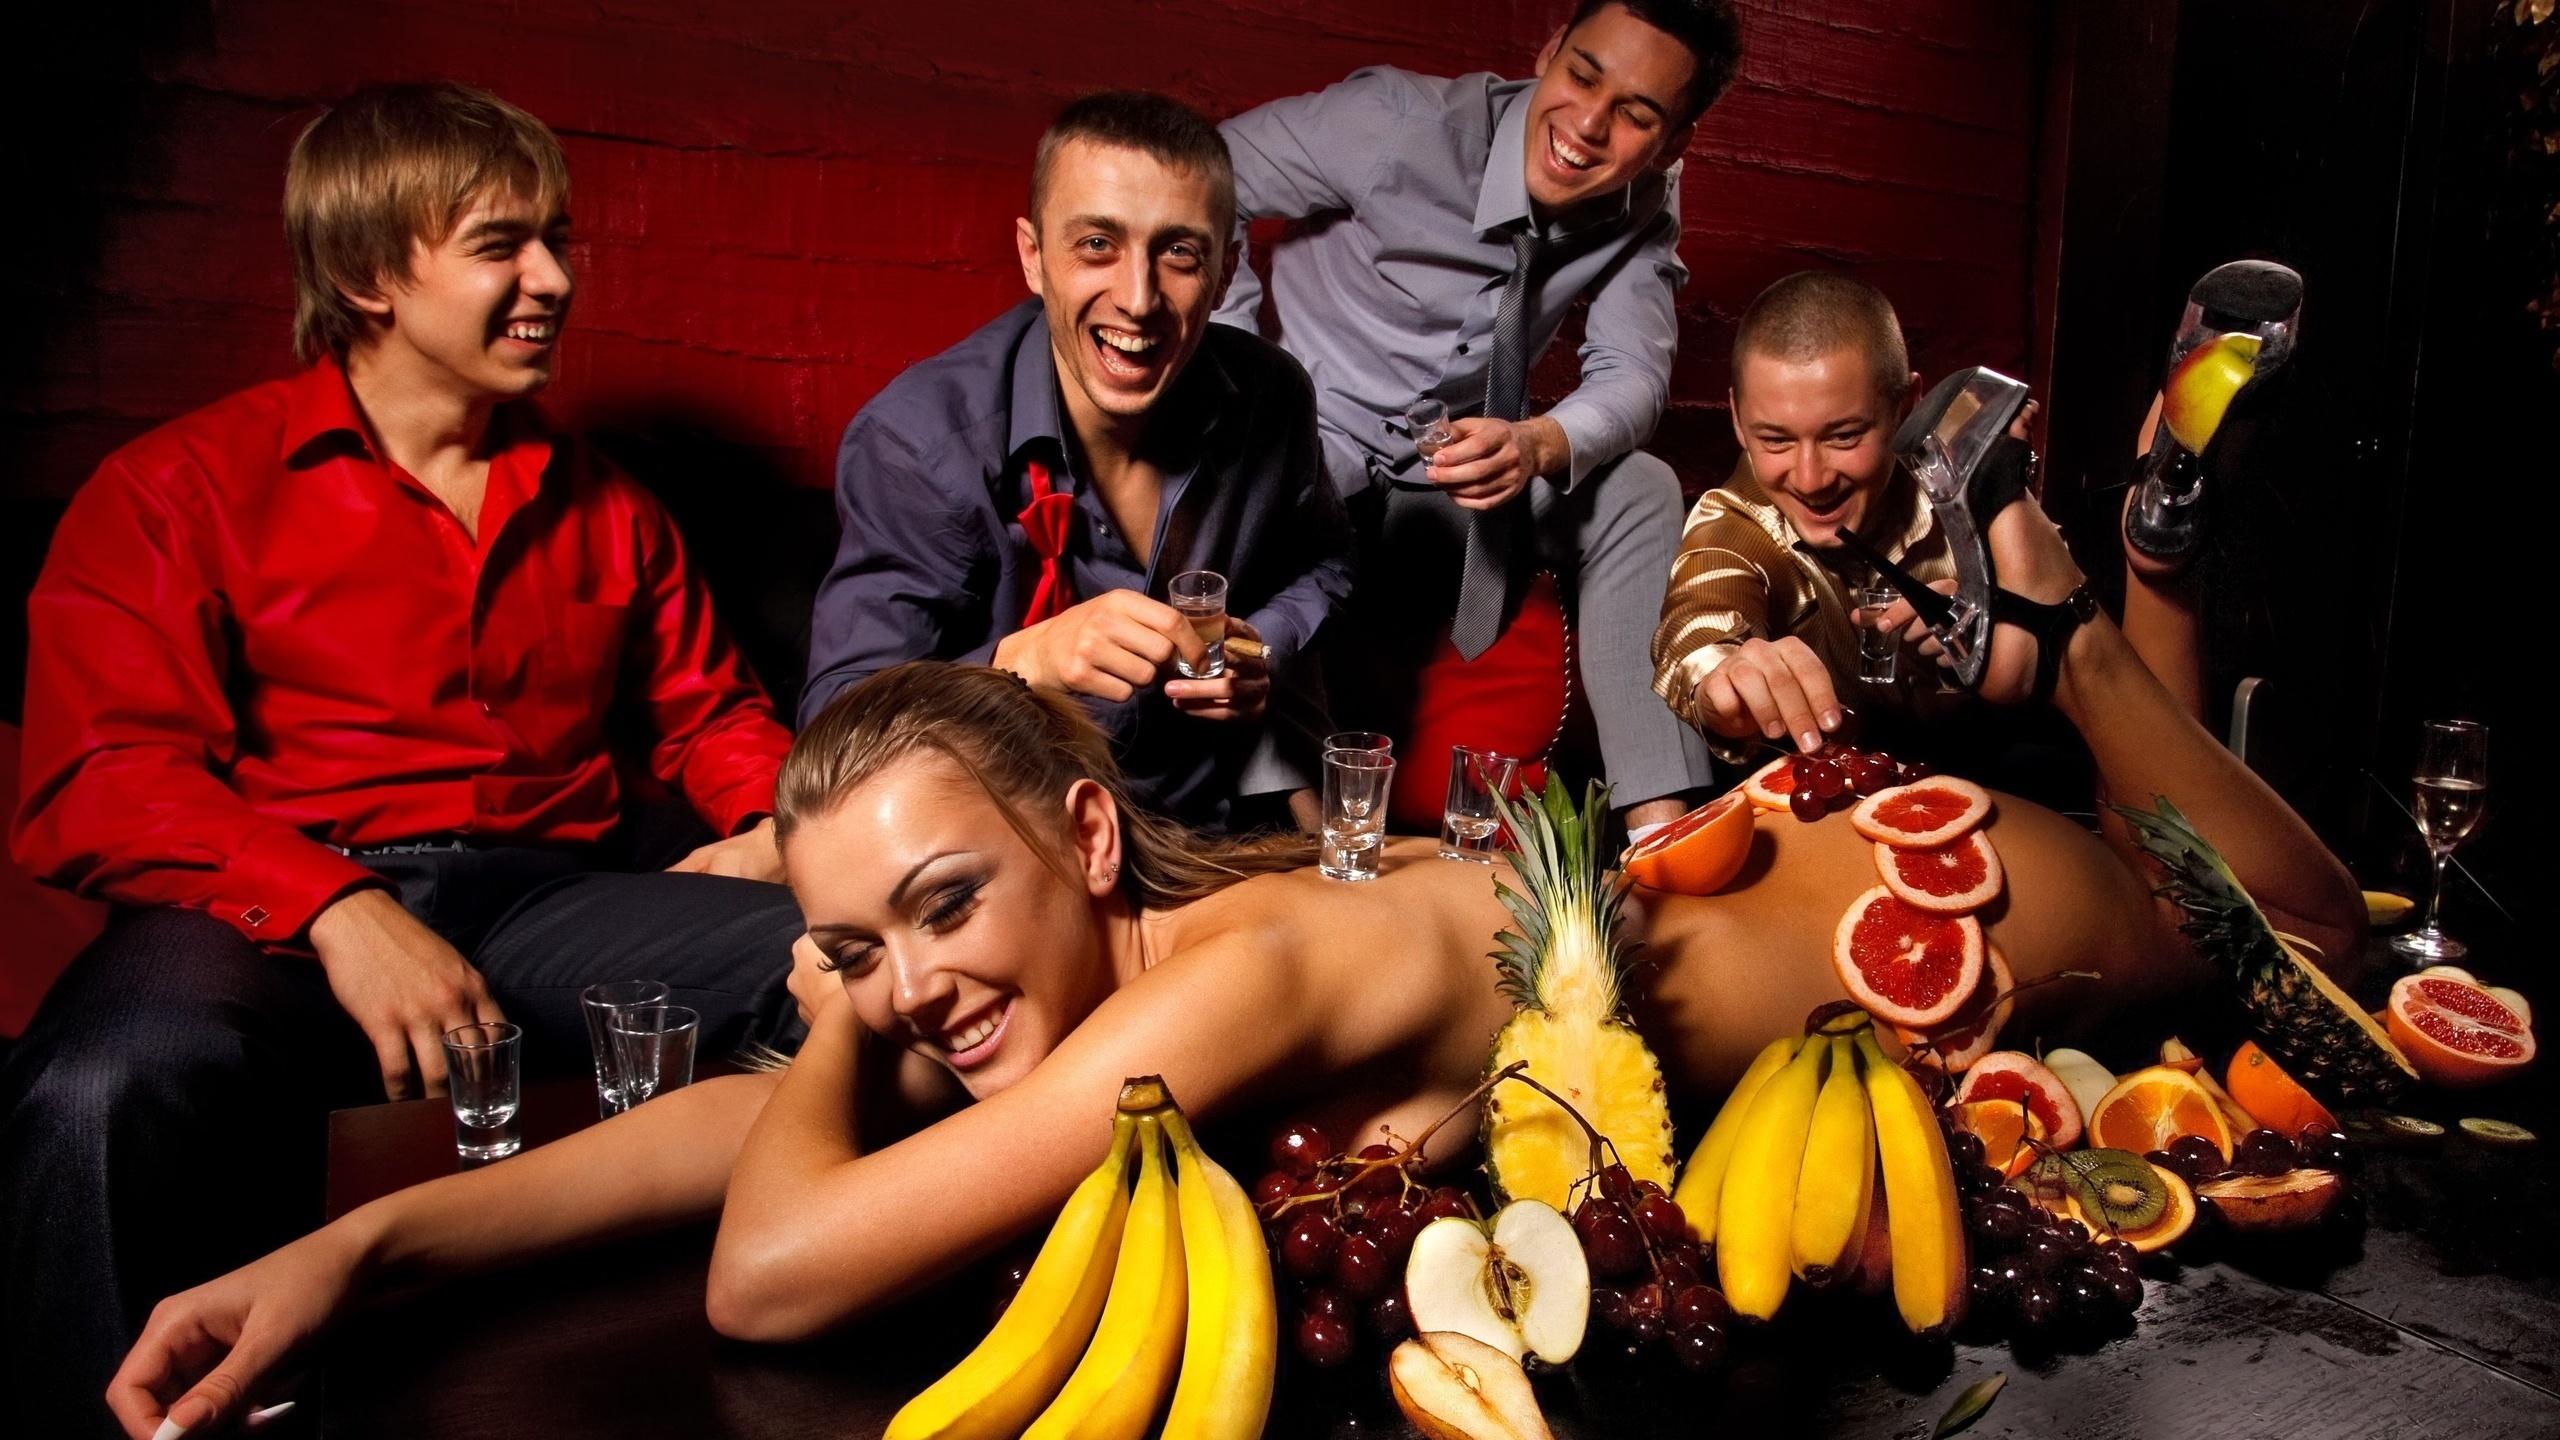 Картинки вечеринка мальчишник девушка парни алкоголь фрукты бананы виноград яблоко